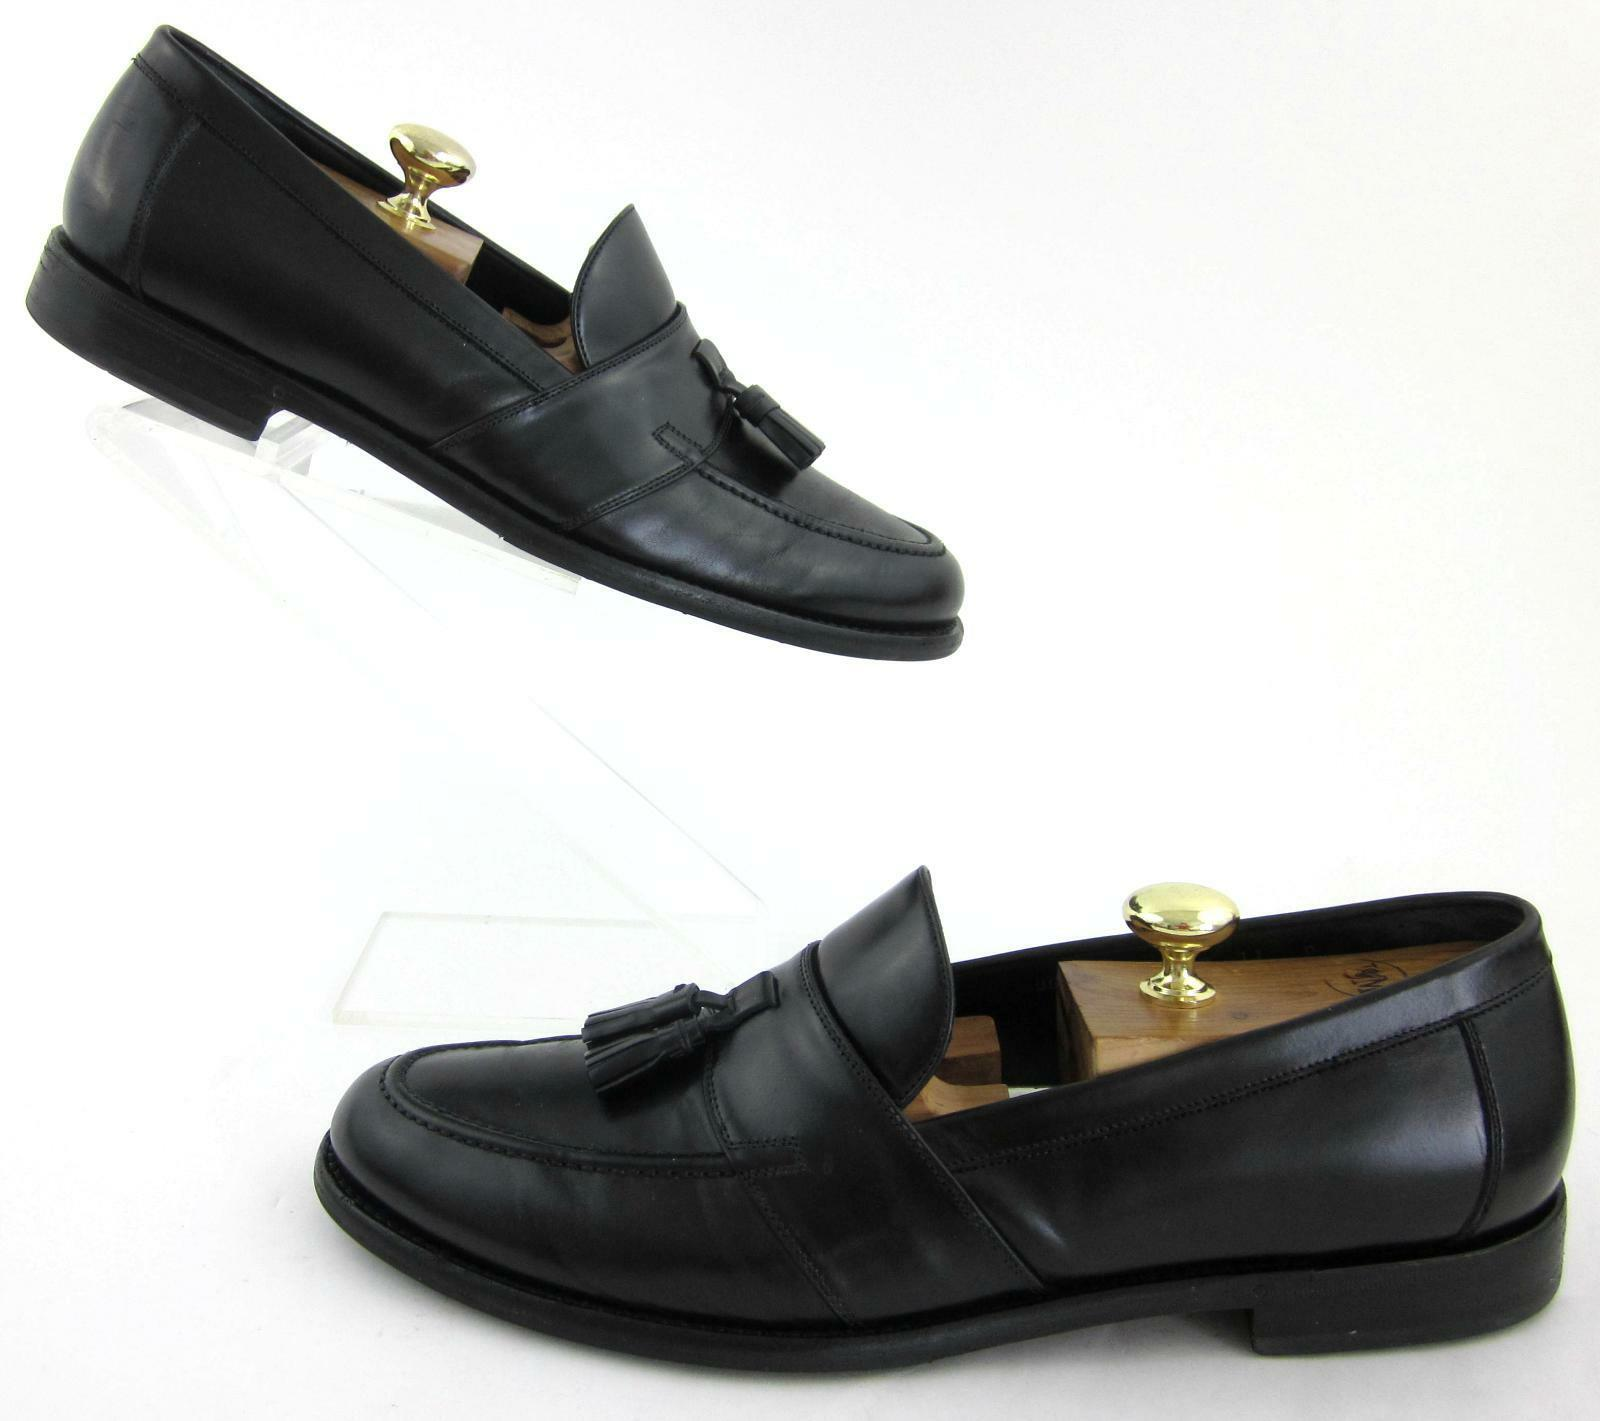 Salvatore Ferragamo Lavorazione Originale Tassel Dress Lofers nero Sz 11D  700